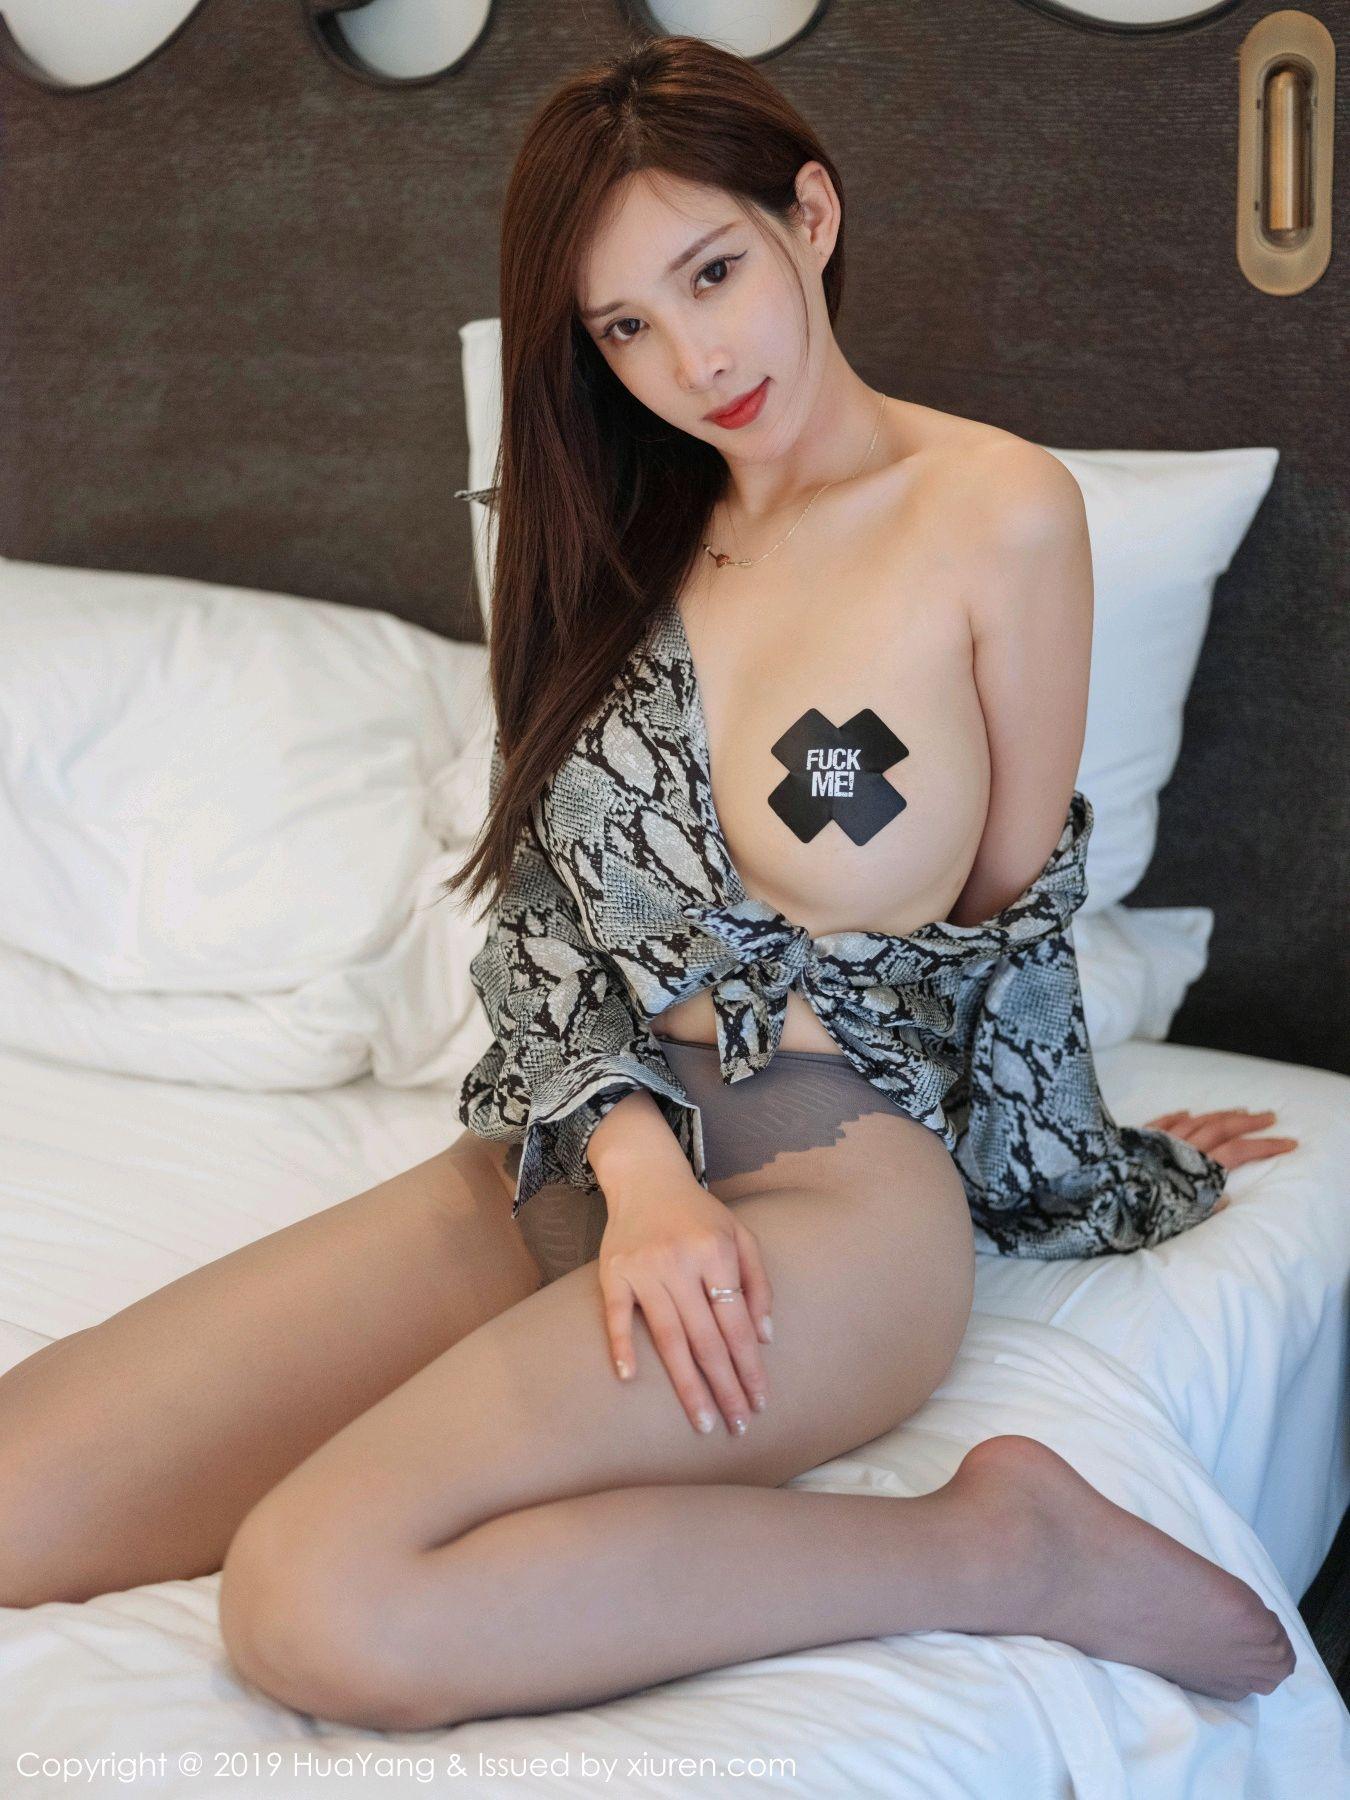 周妍希 開胸布衫肉色絲襪 [45P] - 貼圖 - 清涼寫真 -